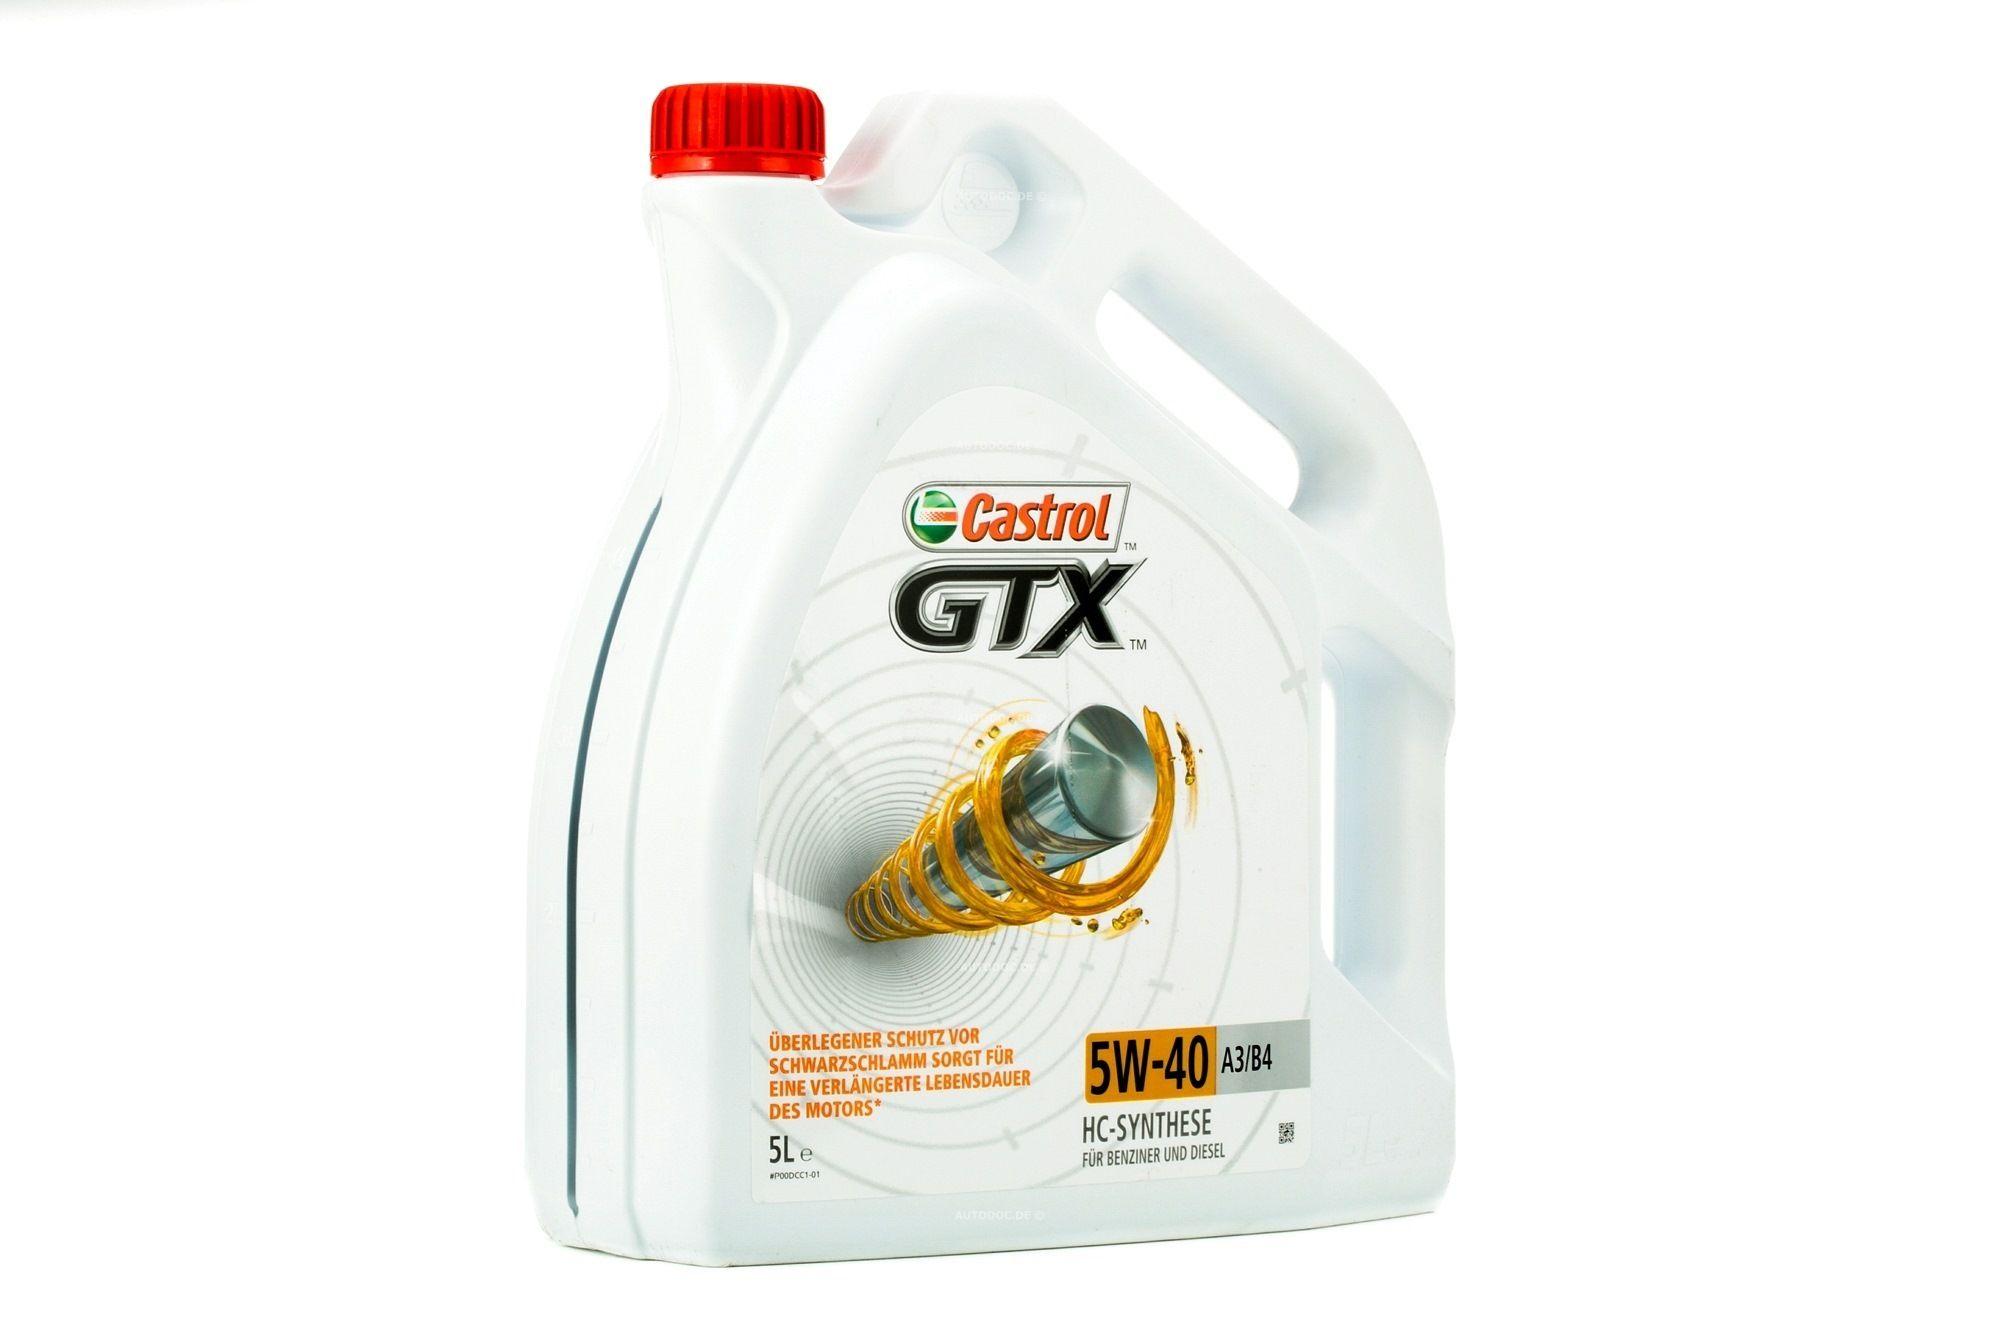 Comprare A3B4 CASTROL GTX, A3/B4 5W-40, 5l Olio motore 15218F poco costoso